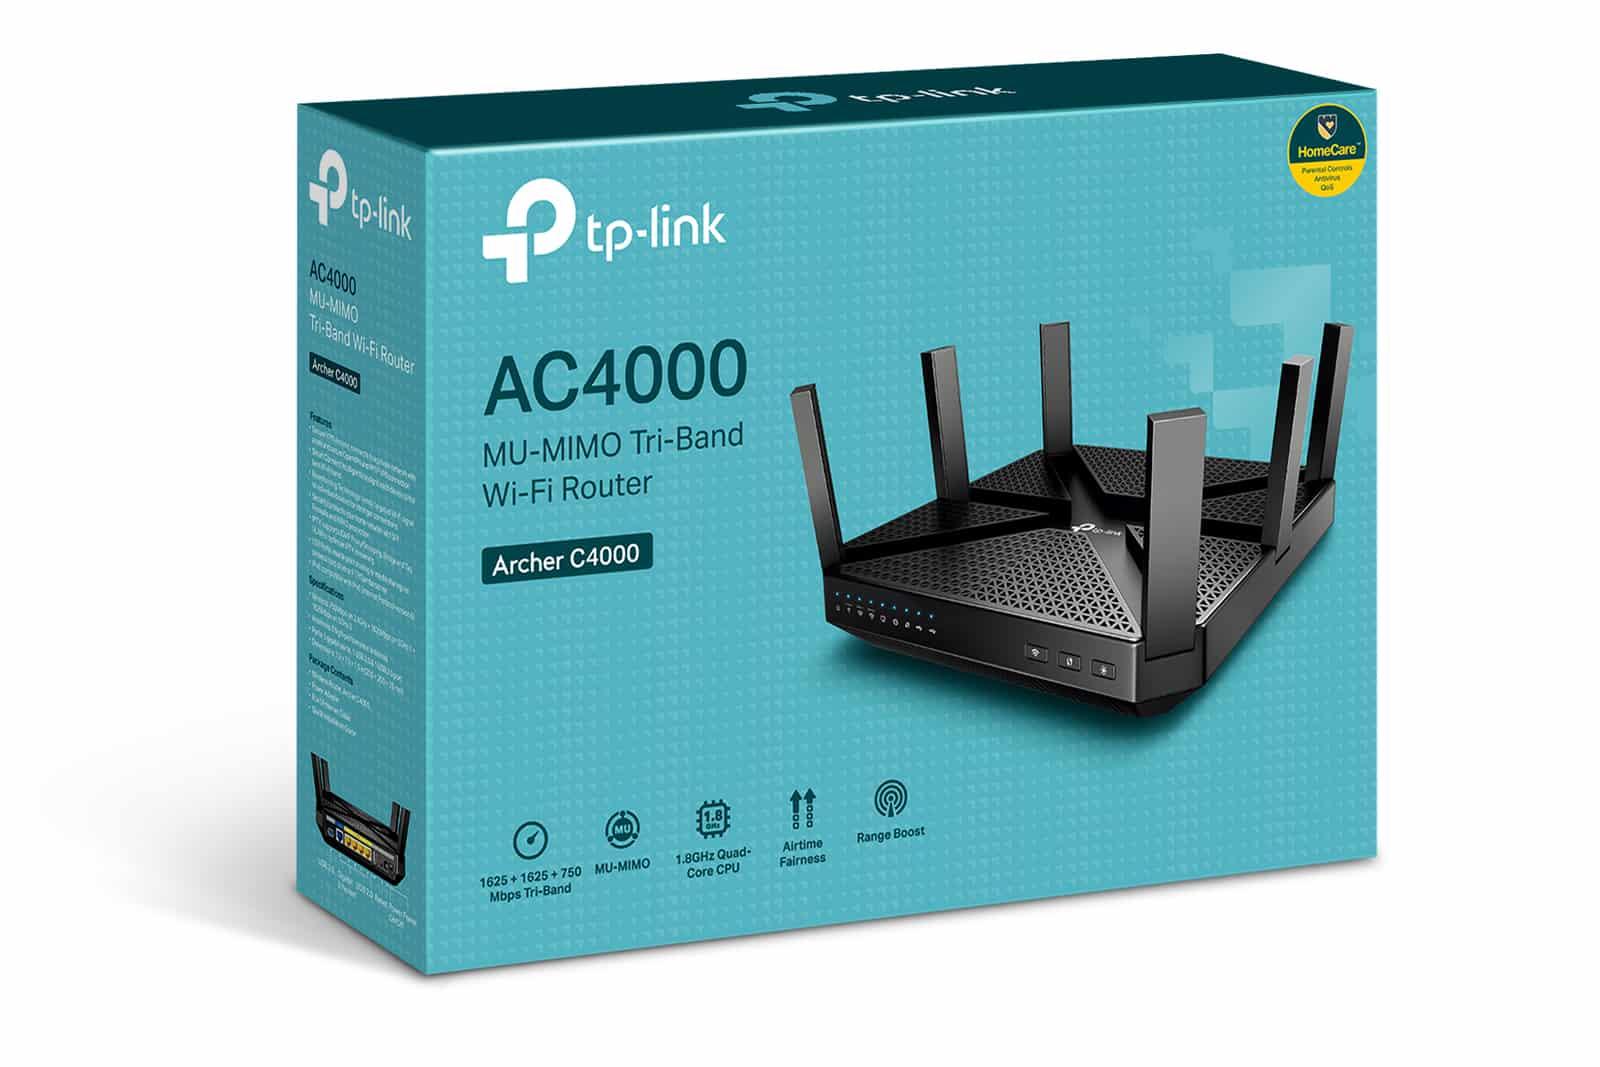 TP-Link® представляет ArcherC4000 – новый трёхдиапазонный  Wi-Fi роутер из премиум линейки для дома